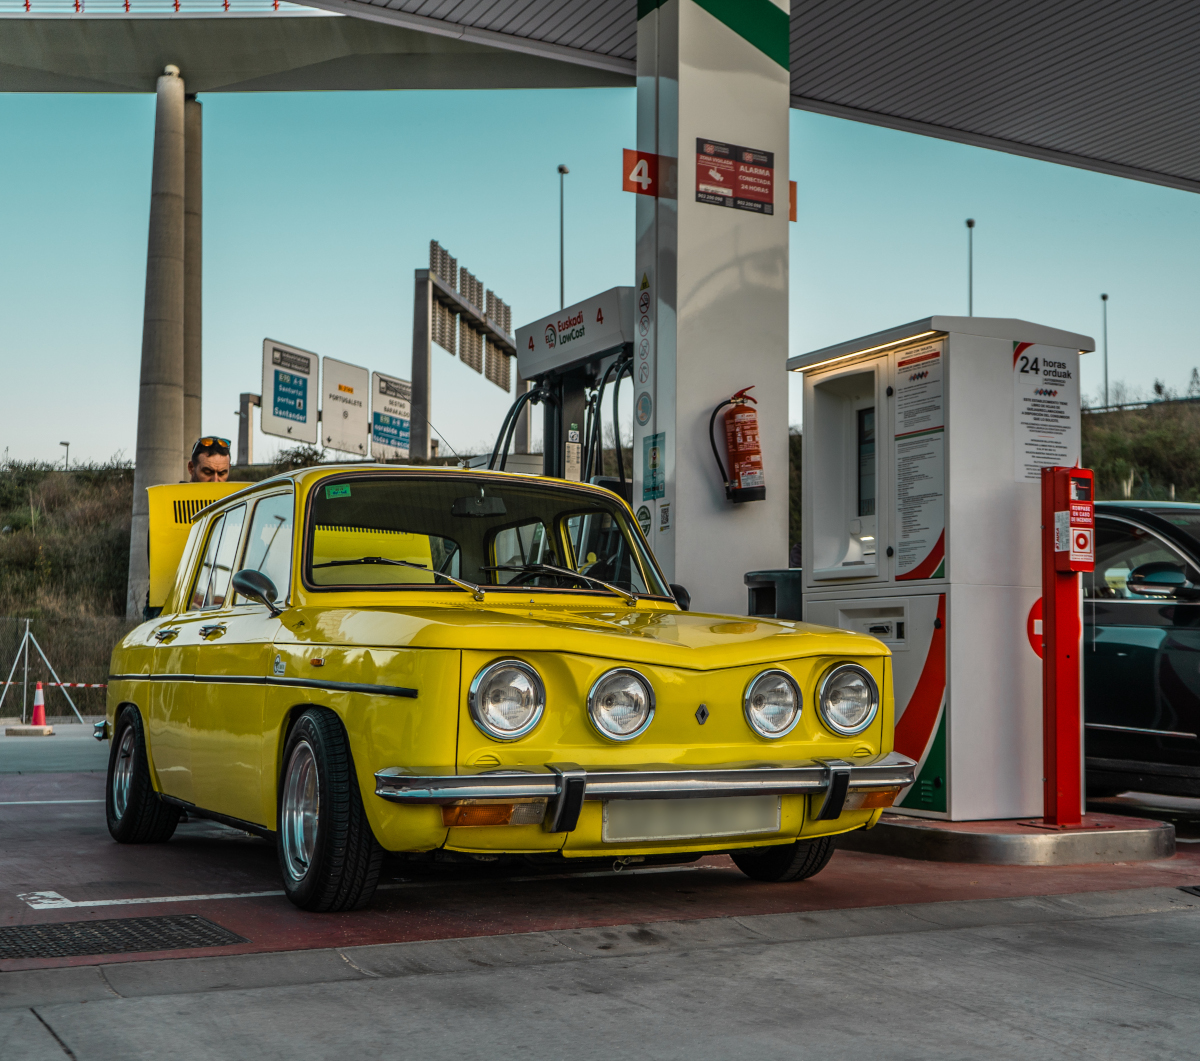 gasolinera_low_cost_ortuella2